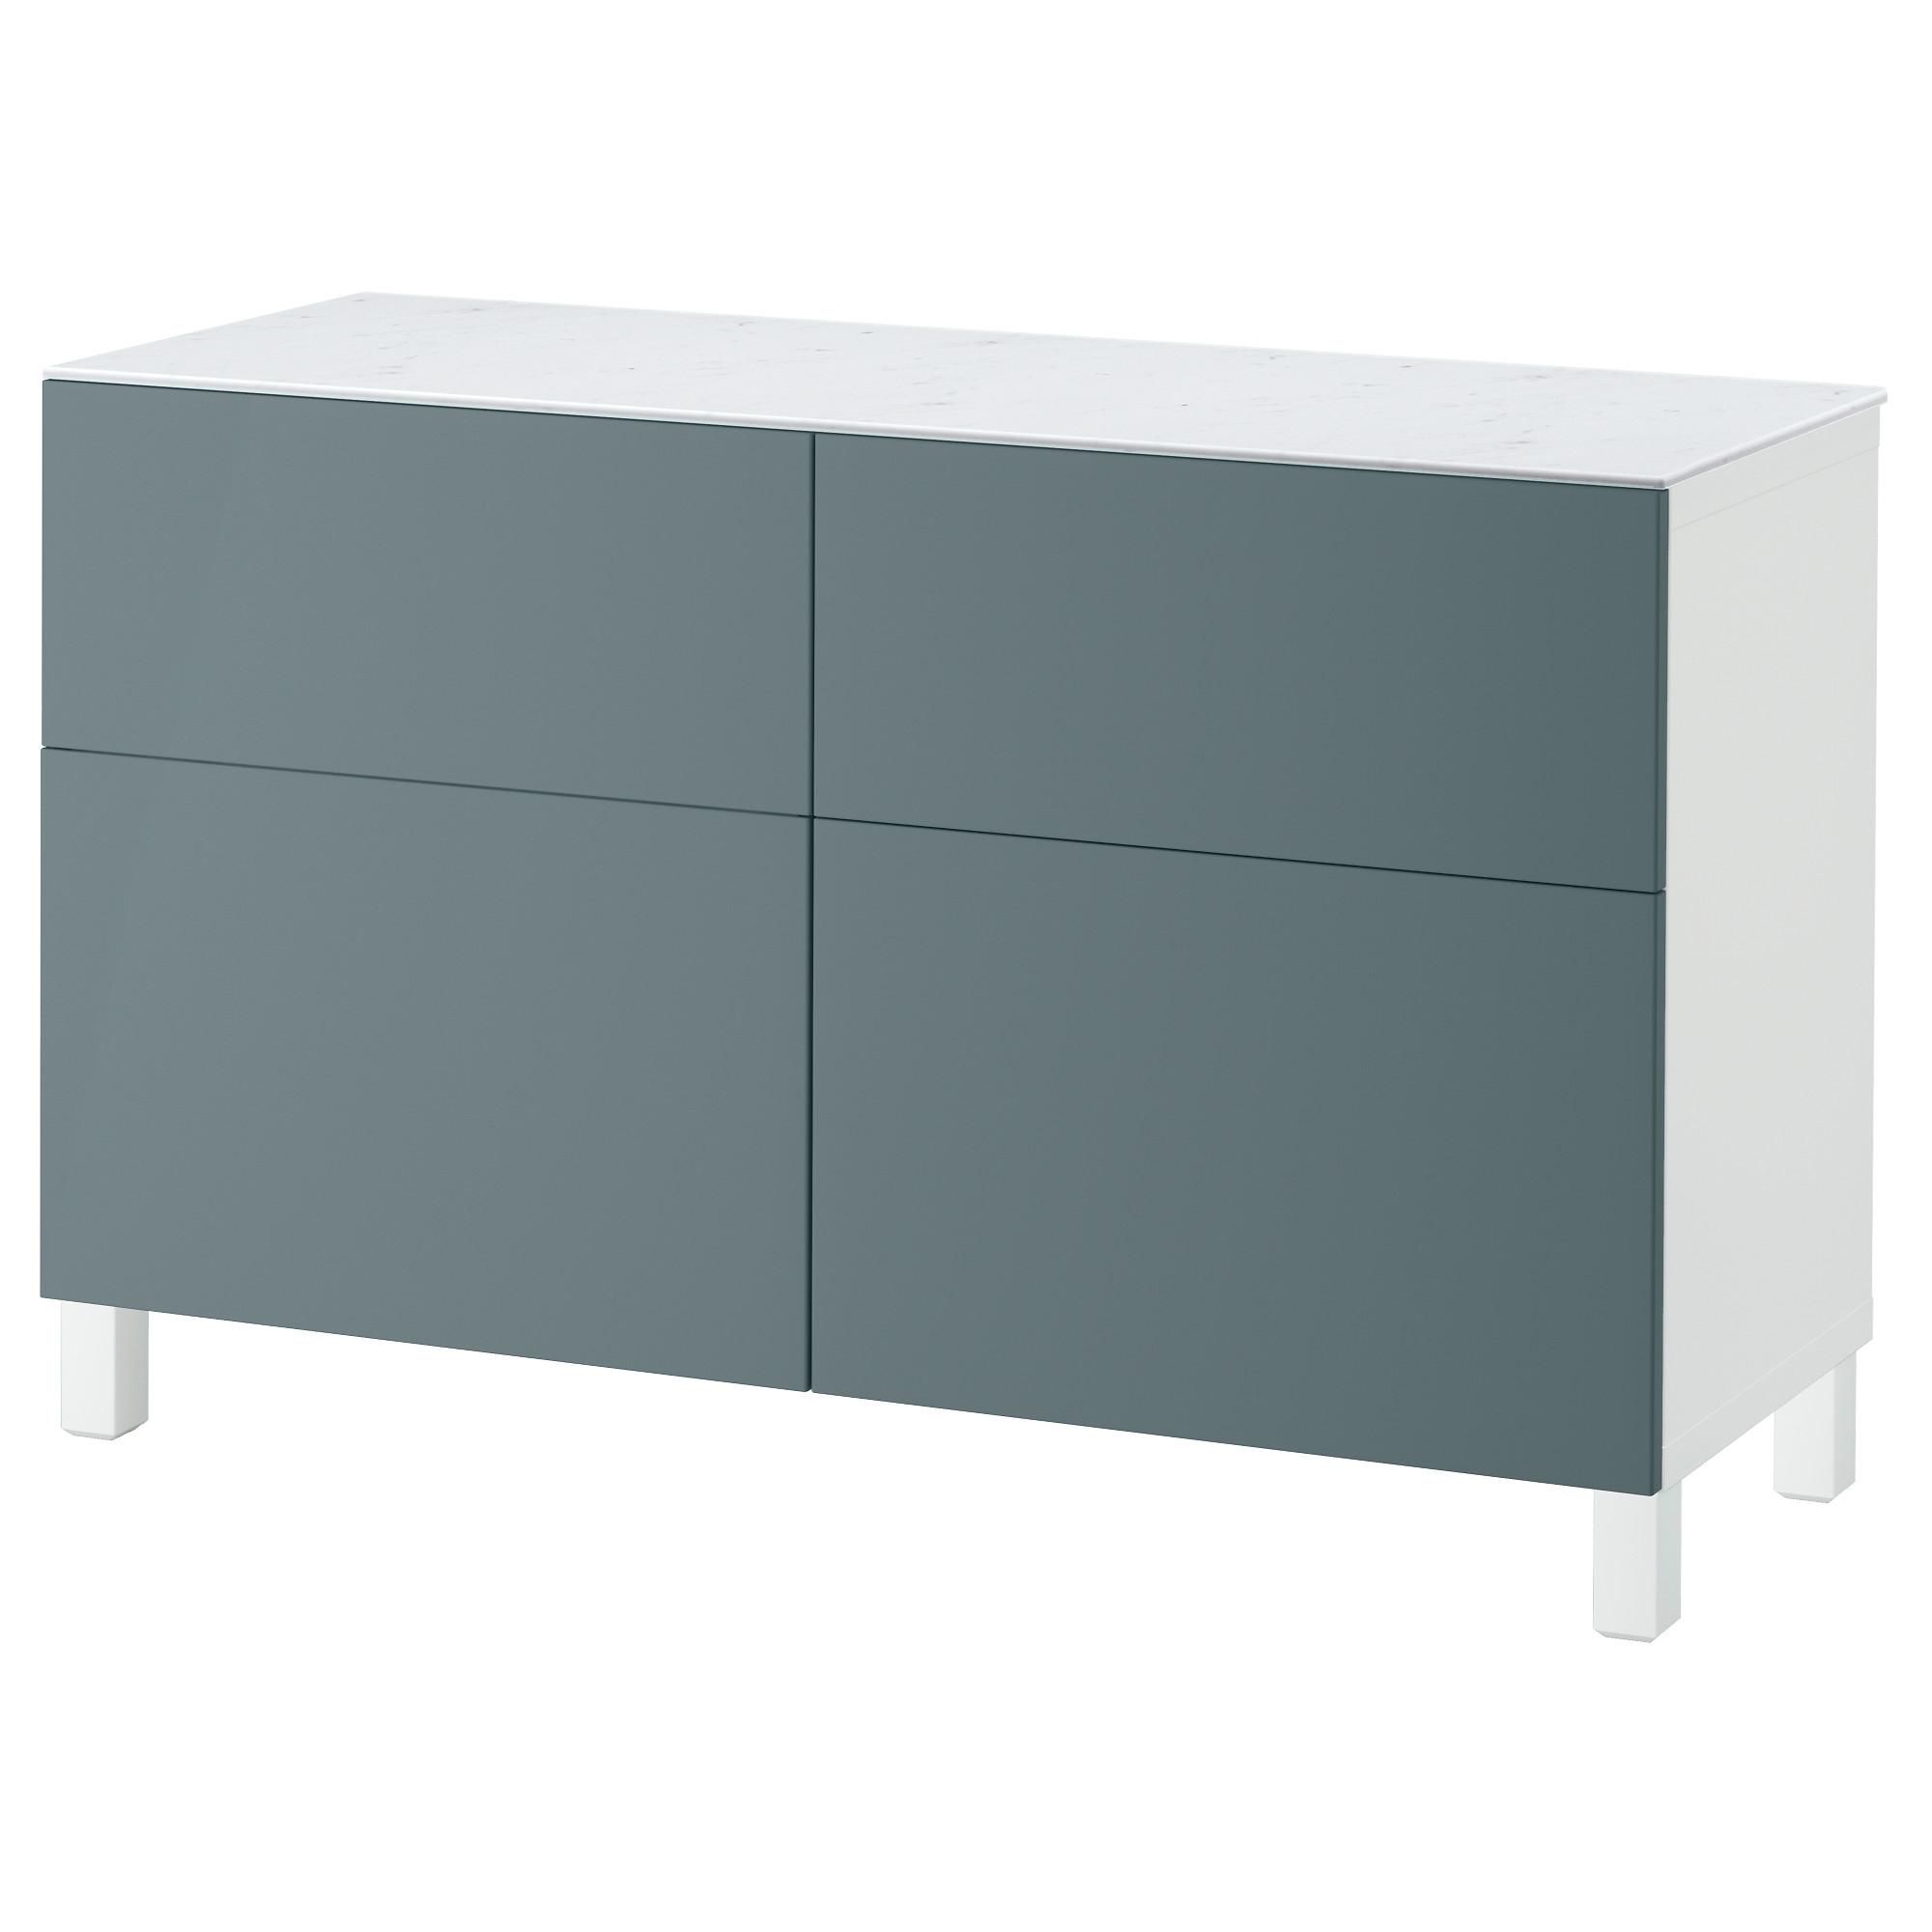 Комбинация для хранения с дверцами, ящиками БЕСТО белый артикуль № 192.447.10 в наличии. Интернет магазин IKEA Минск. Быстрая доставка и соборка.